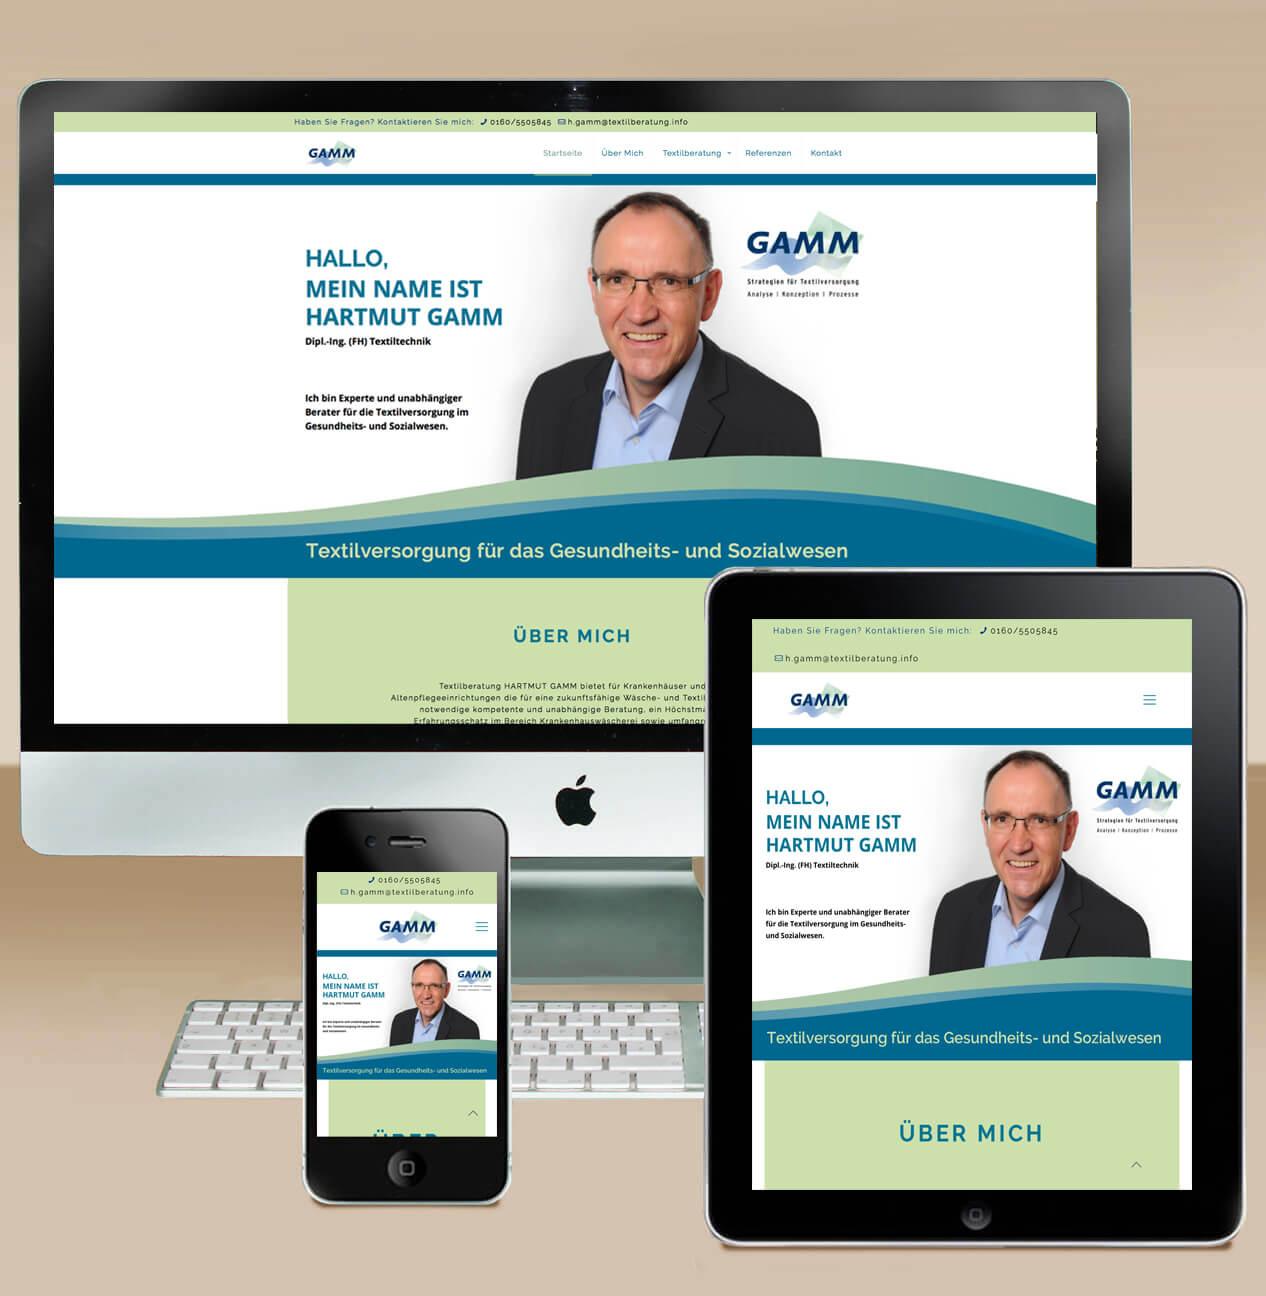 Internet/Webdesign - Responsives Webdesign farbig veranschaulicht am Beispiel Fa. Gamm - https://gamm.pro